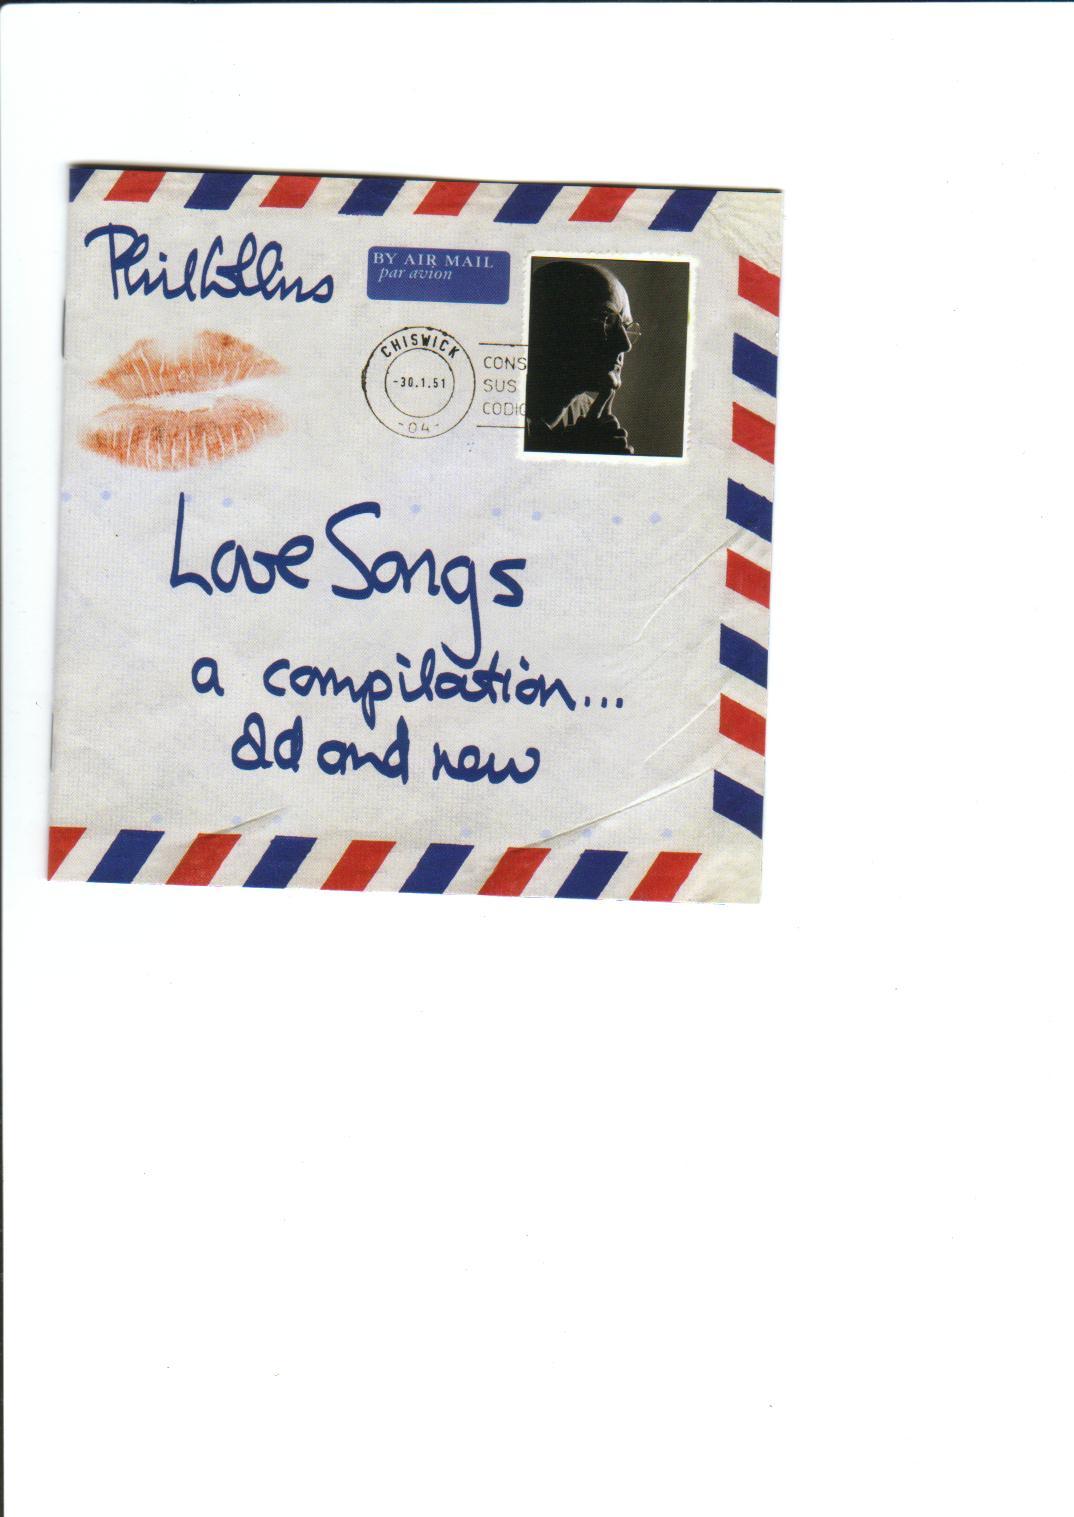 http://1.bp.blogspot.com/_XTCDgAffQuU/SxPHzfe63wI/AAAAAAAAANo/3vcSesvXBLI/s1600/Love+Song++a.jpg